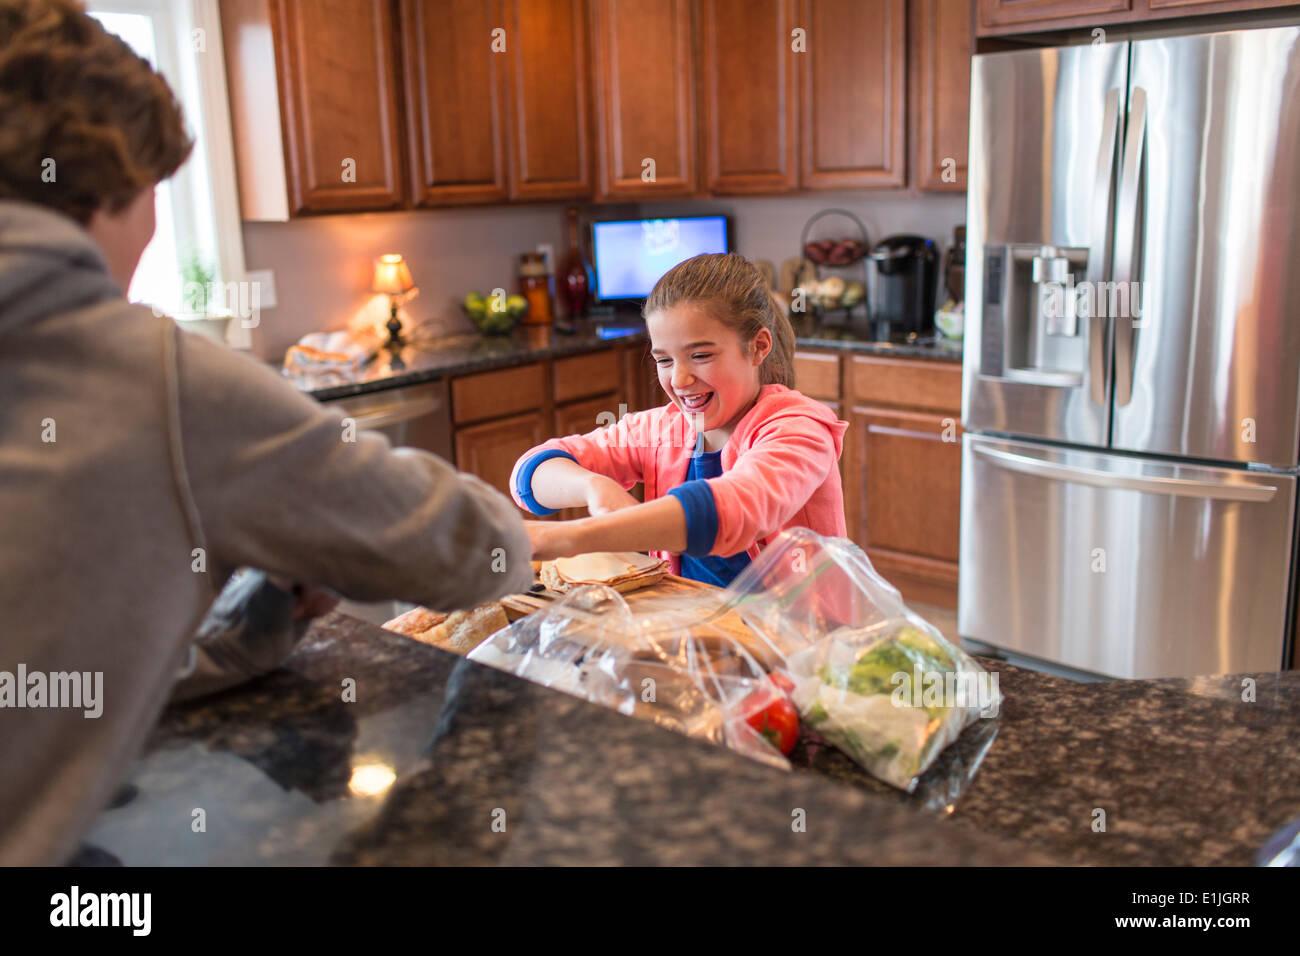 Frère et soeur dans la cuisine préparer sandwich Photo Stock